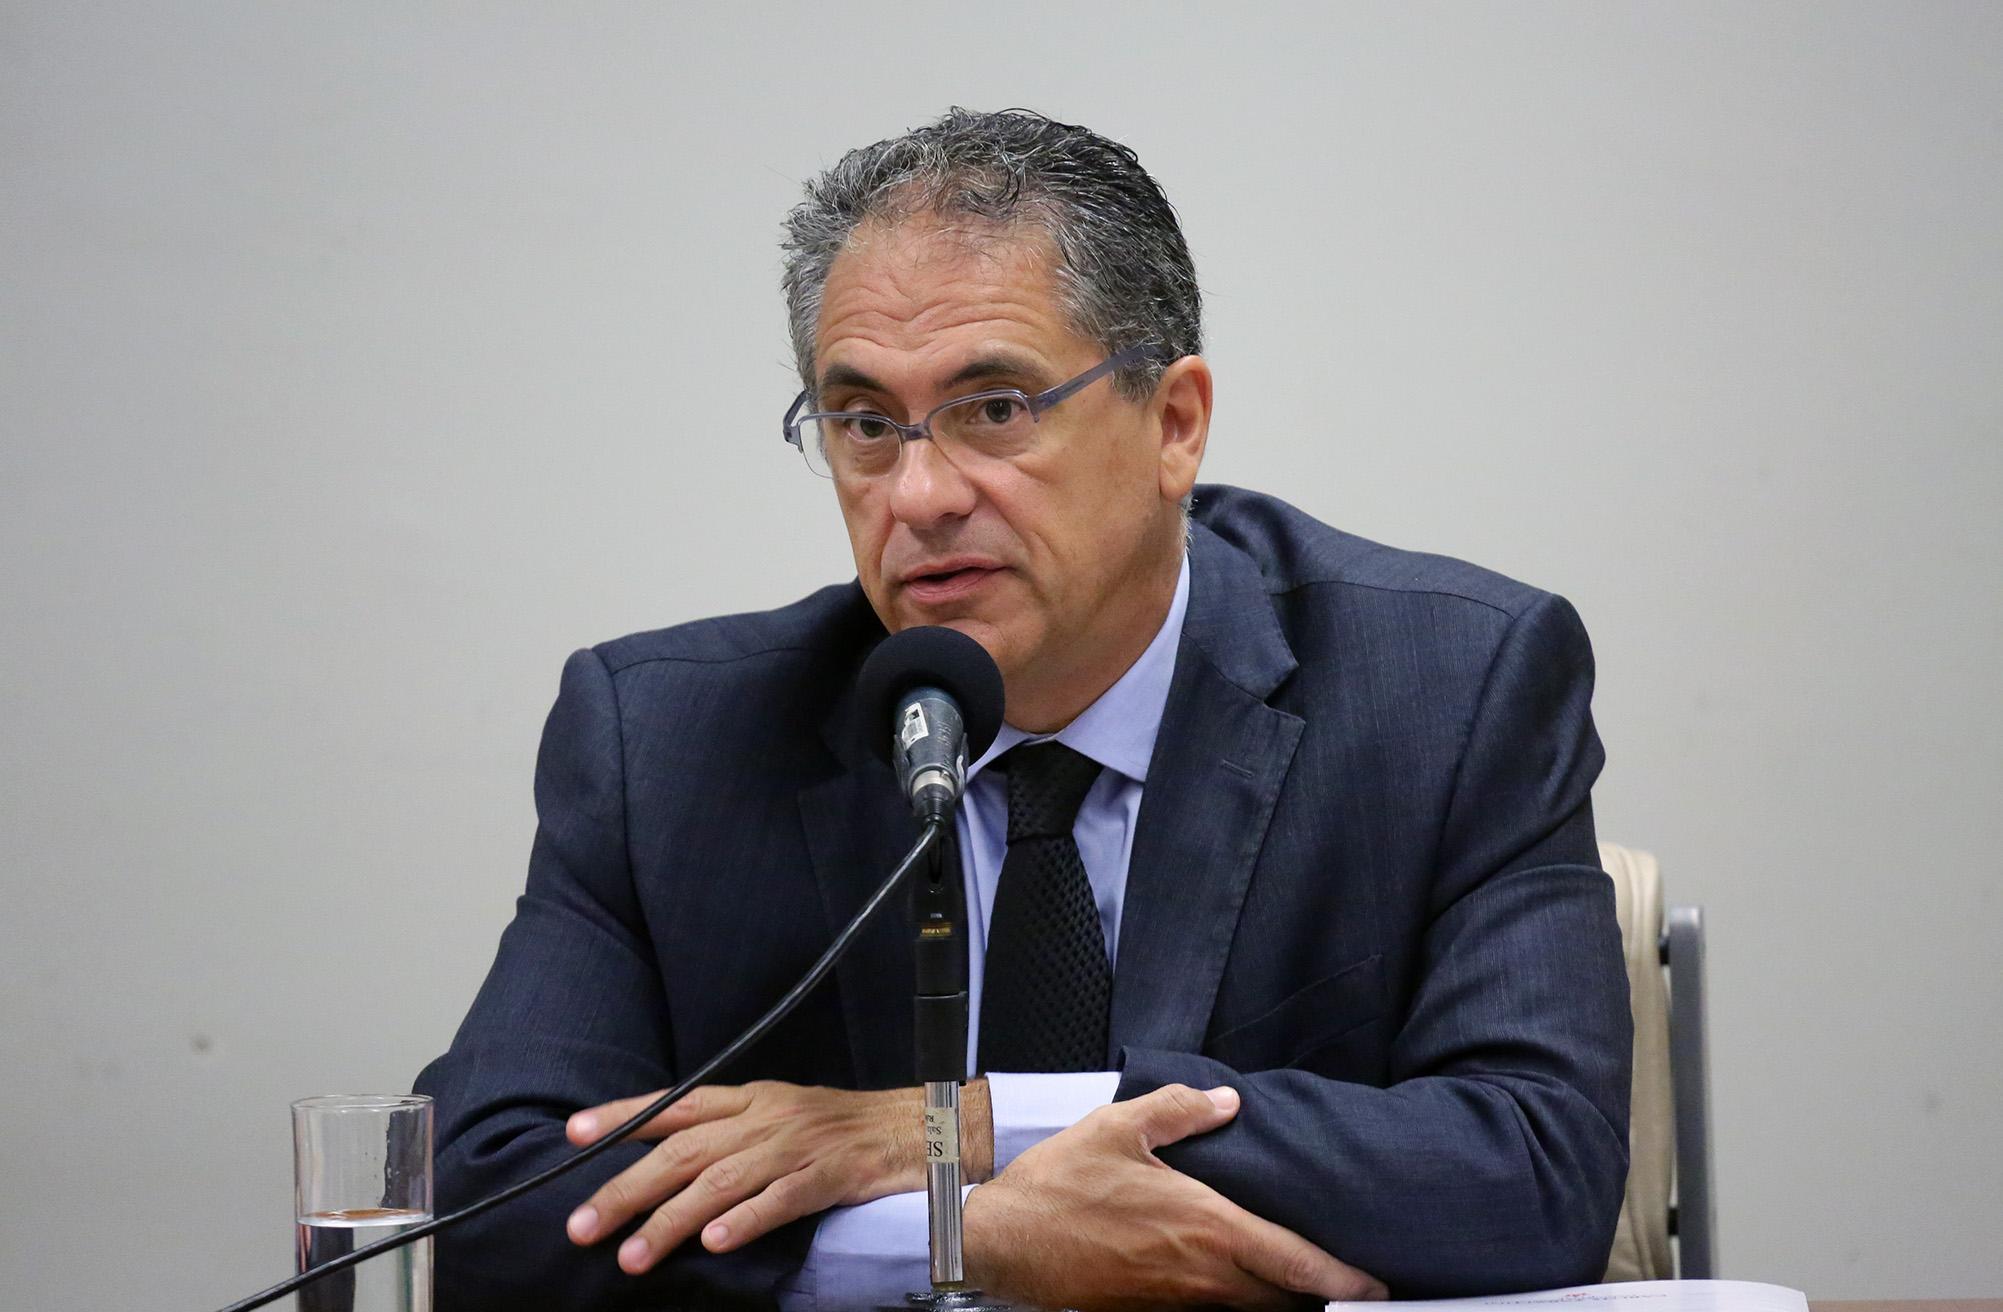 Seminário sobre os desafios para o trabalho decente. Dep Carlos Zarattini ( PT - SP)